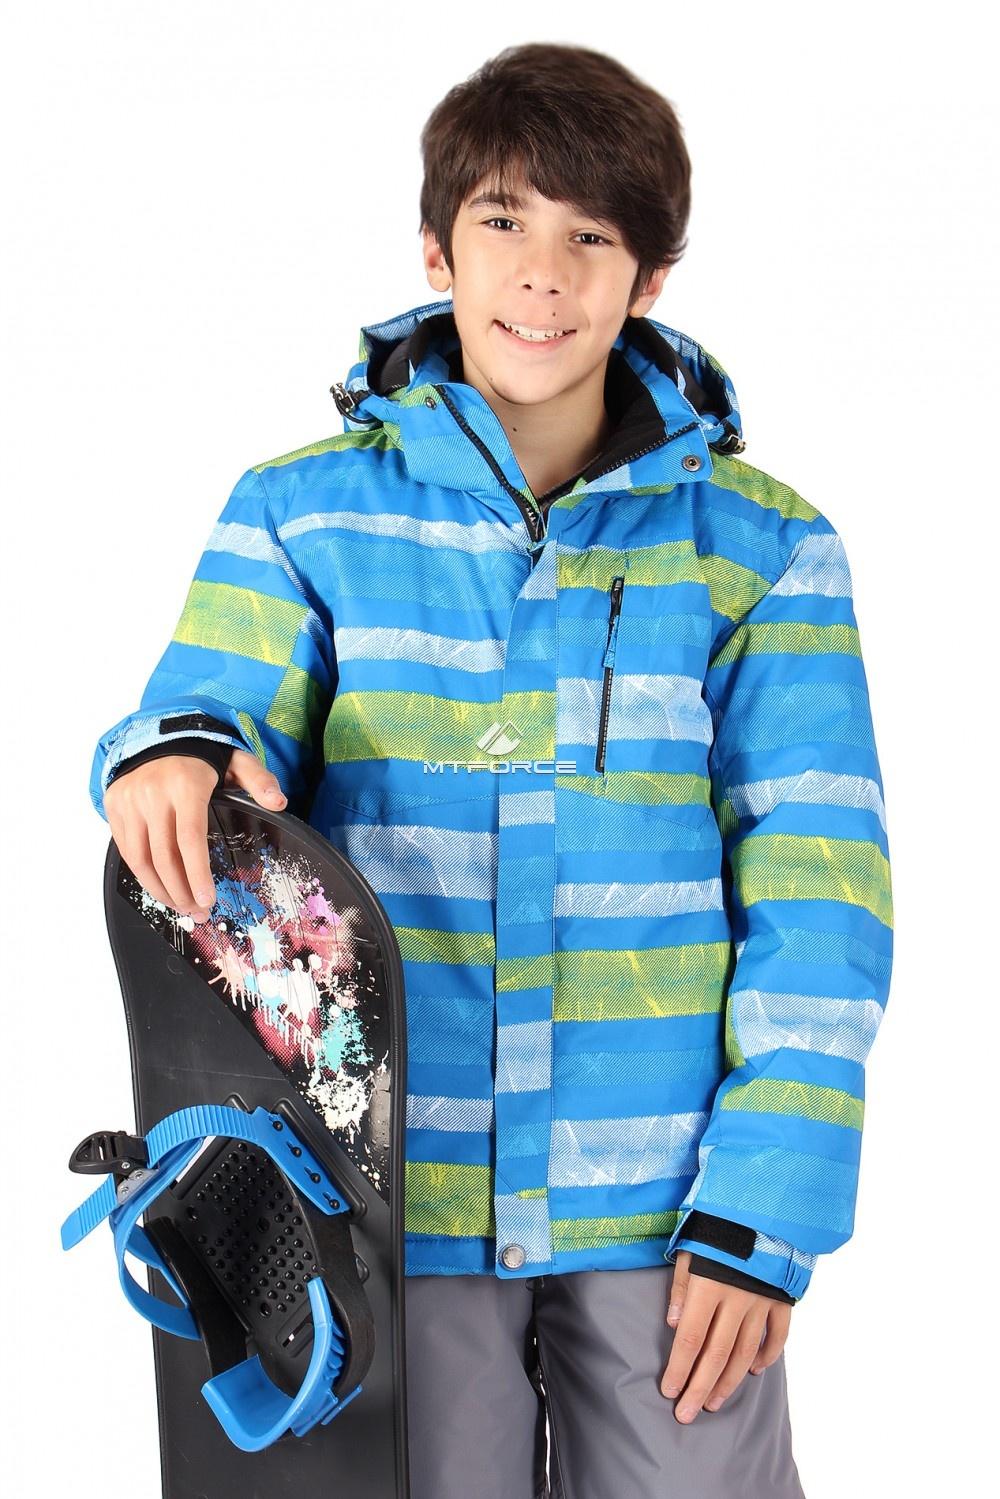 Купить                                  оптом Куртка горнолыжная подростковая для мальчика голубого цвета 547-1Gl